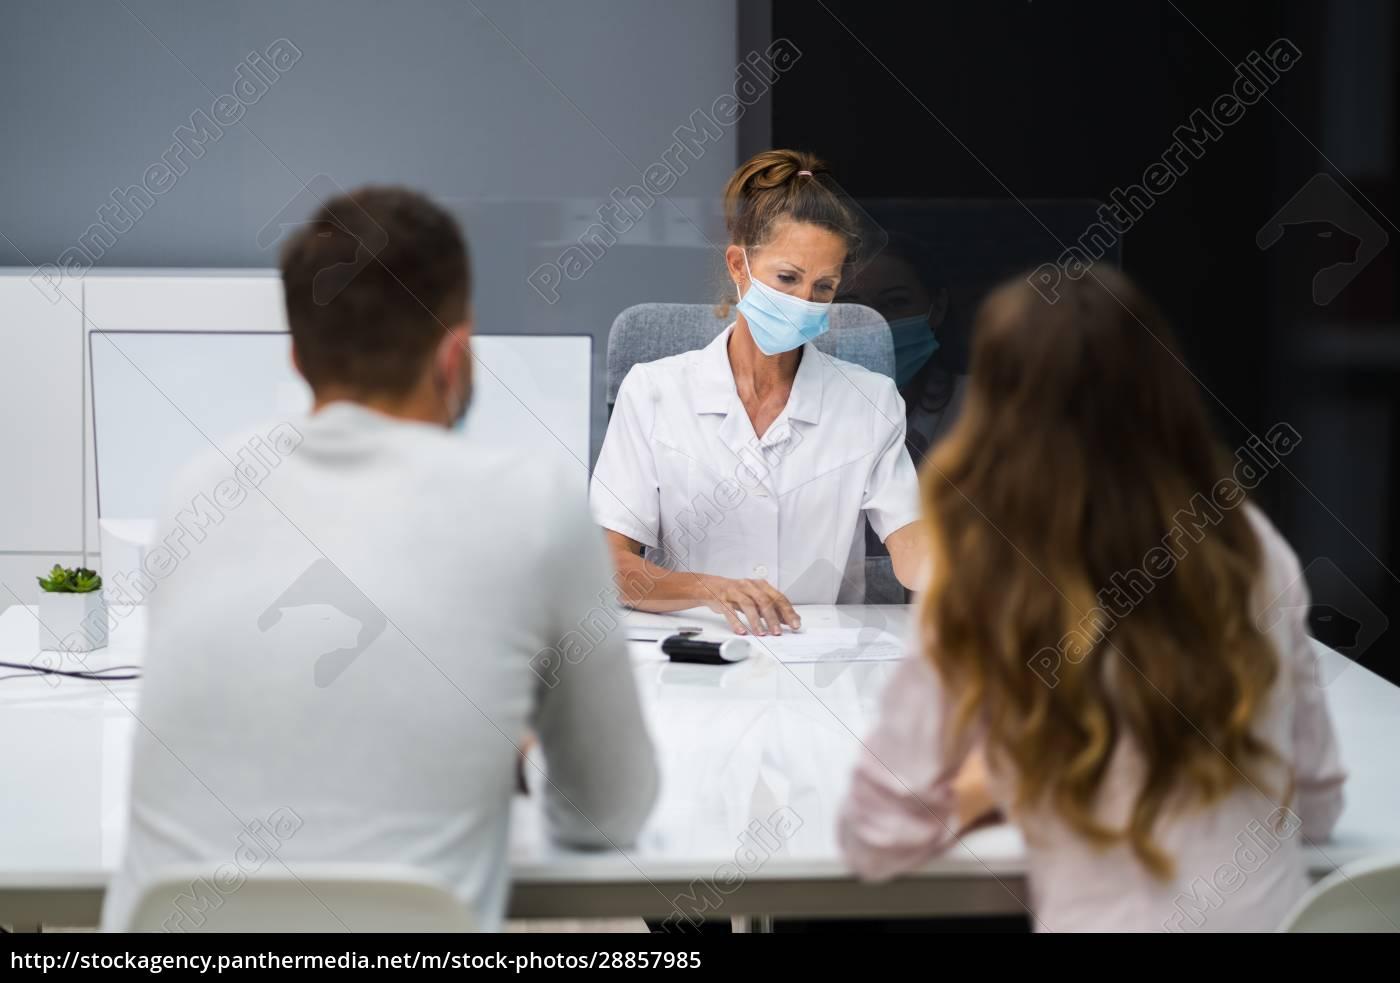 arzt, spricht, mit, patient, bei, treffen - 28857985